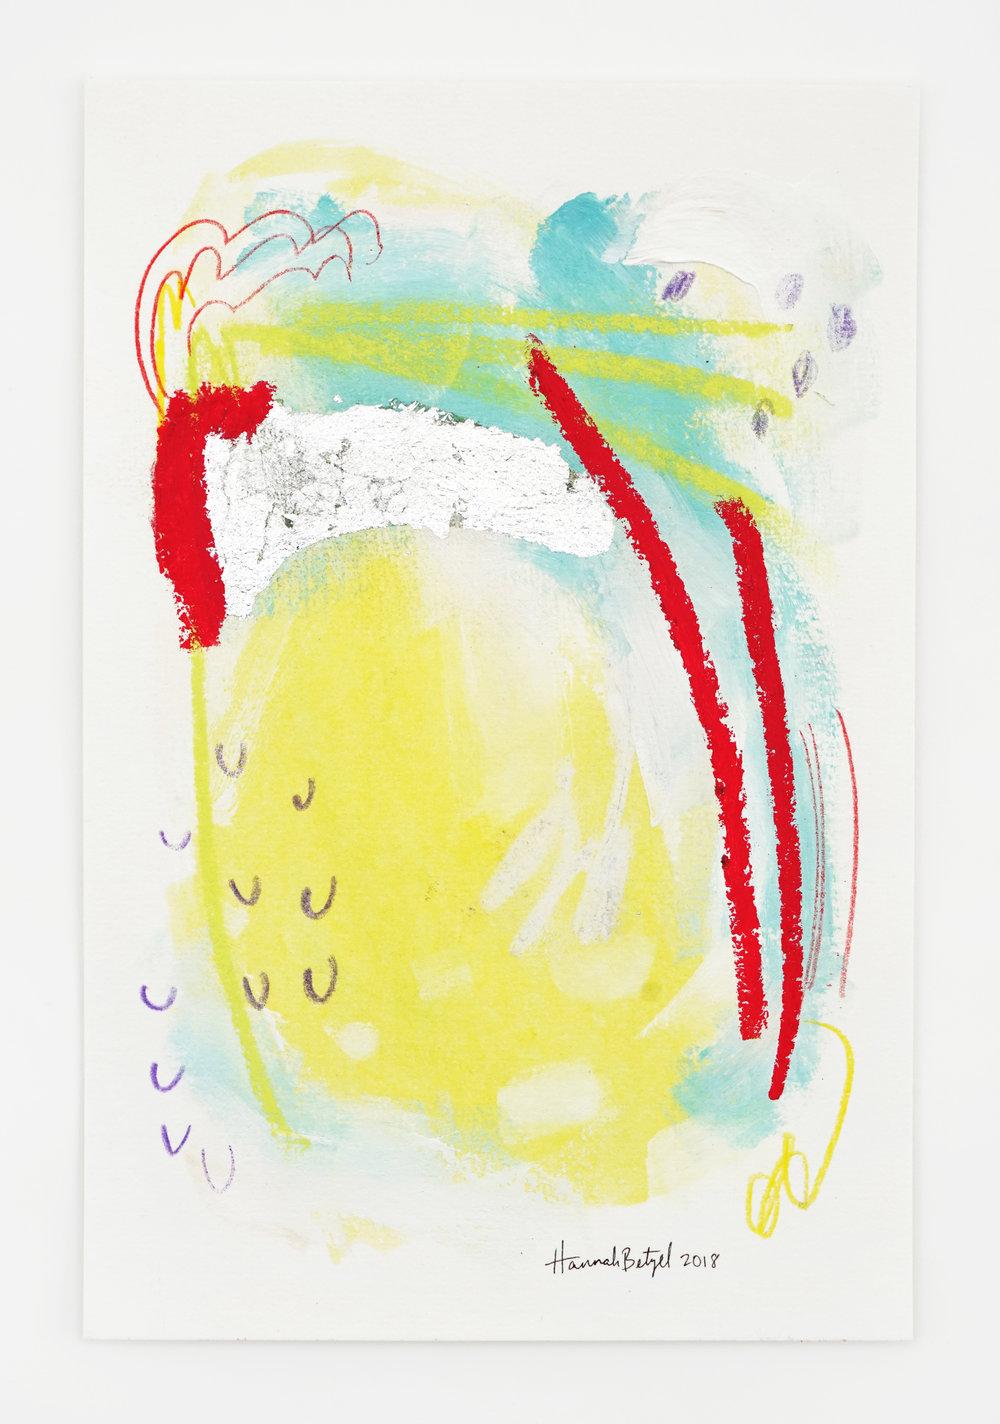 HannahBetzel-Pineapple Spritzer-6x9-mixedmediaonpaper-$75.jpg